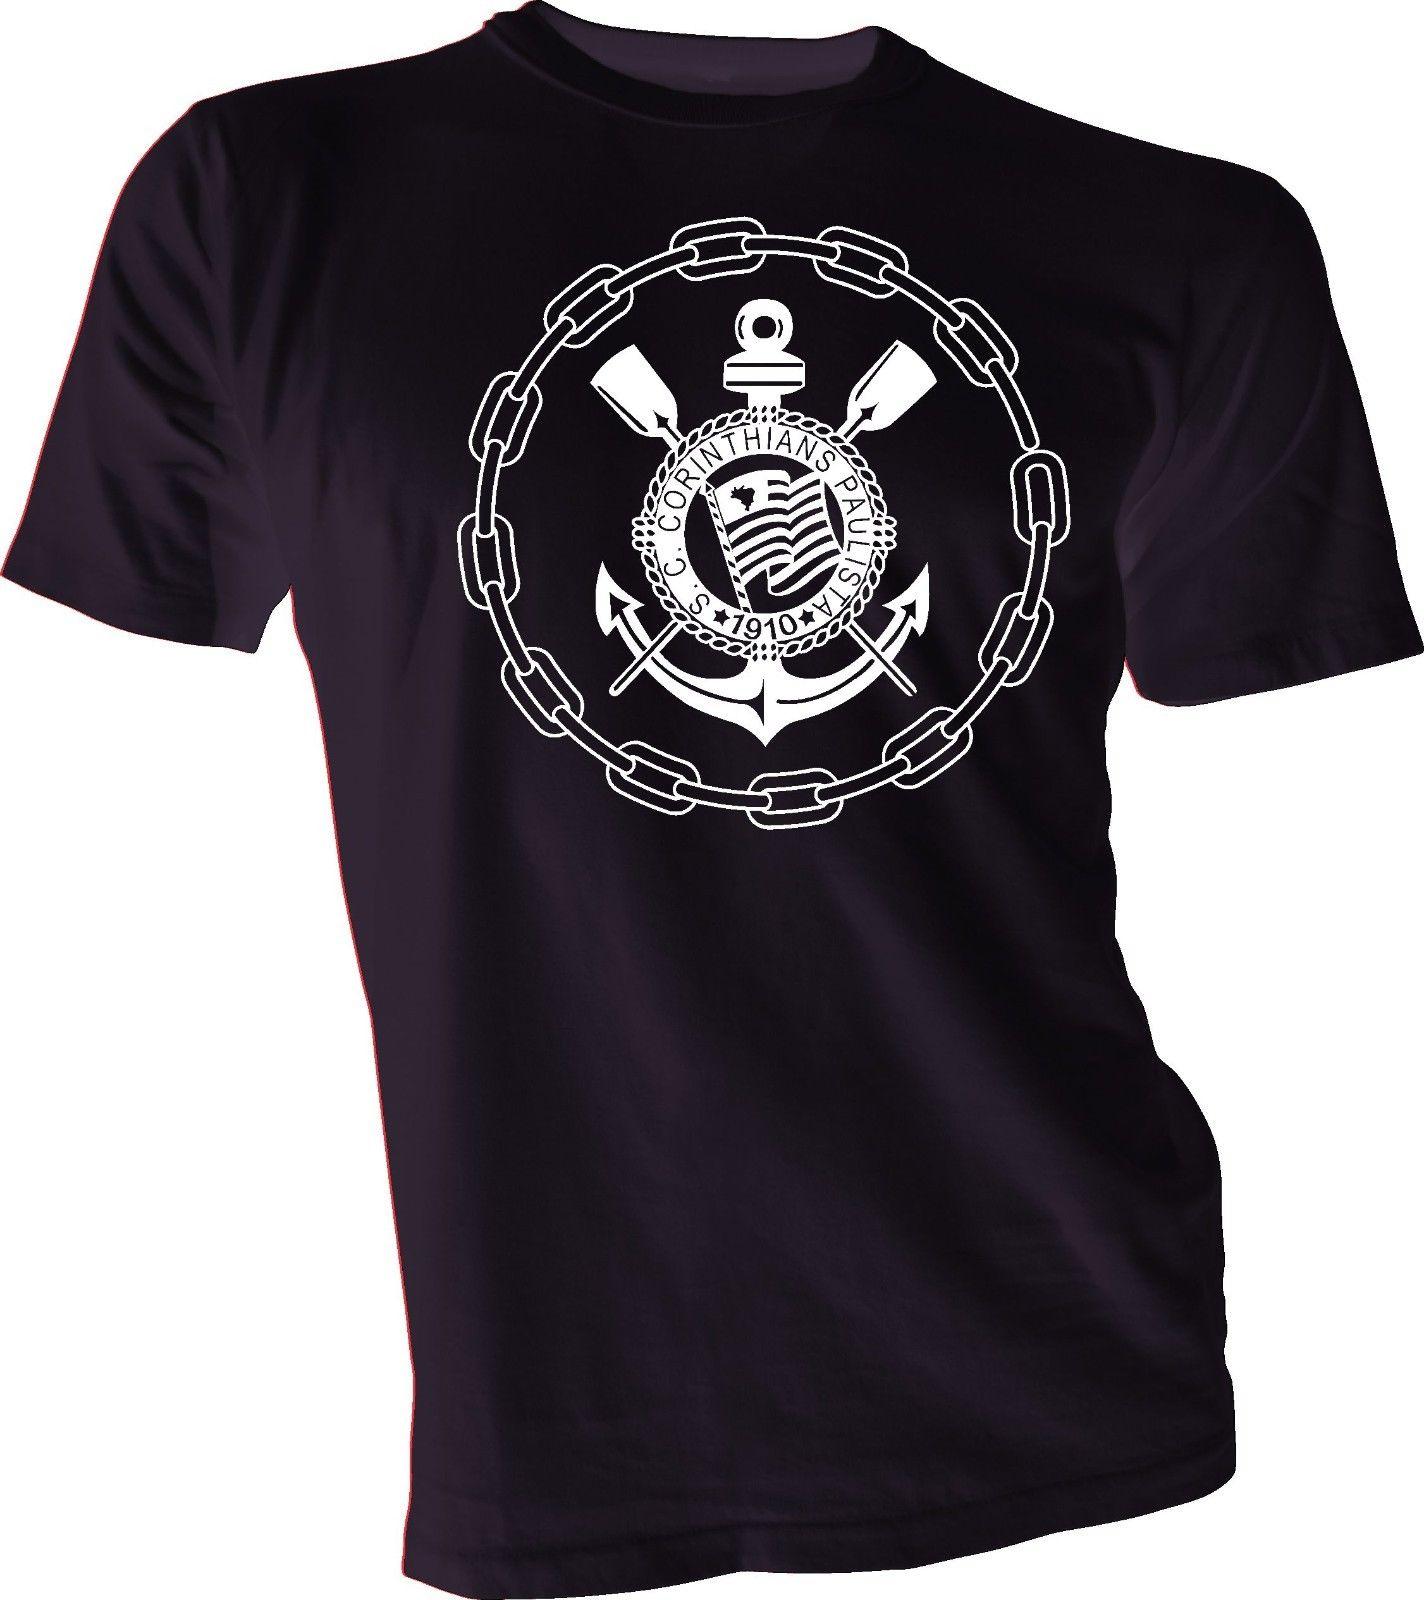 S C CORINTHIANS PAULISTA Brasil, camiseta de fútbol de Brasil, Camiseta de algodón de manga corta con cuello redondo